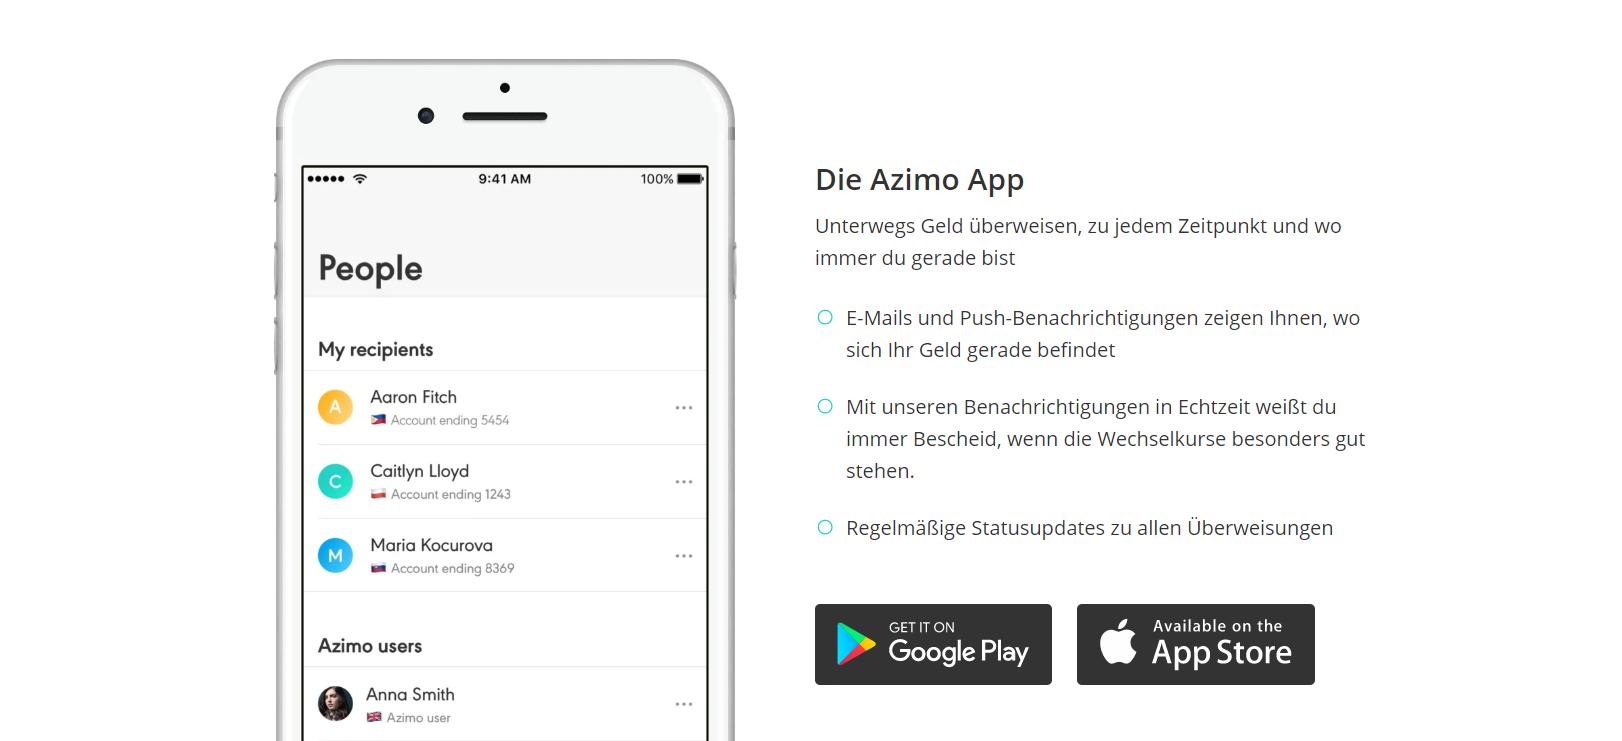 Azimo bietet die App für Überweisungen von Mobilgeräten an